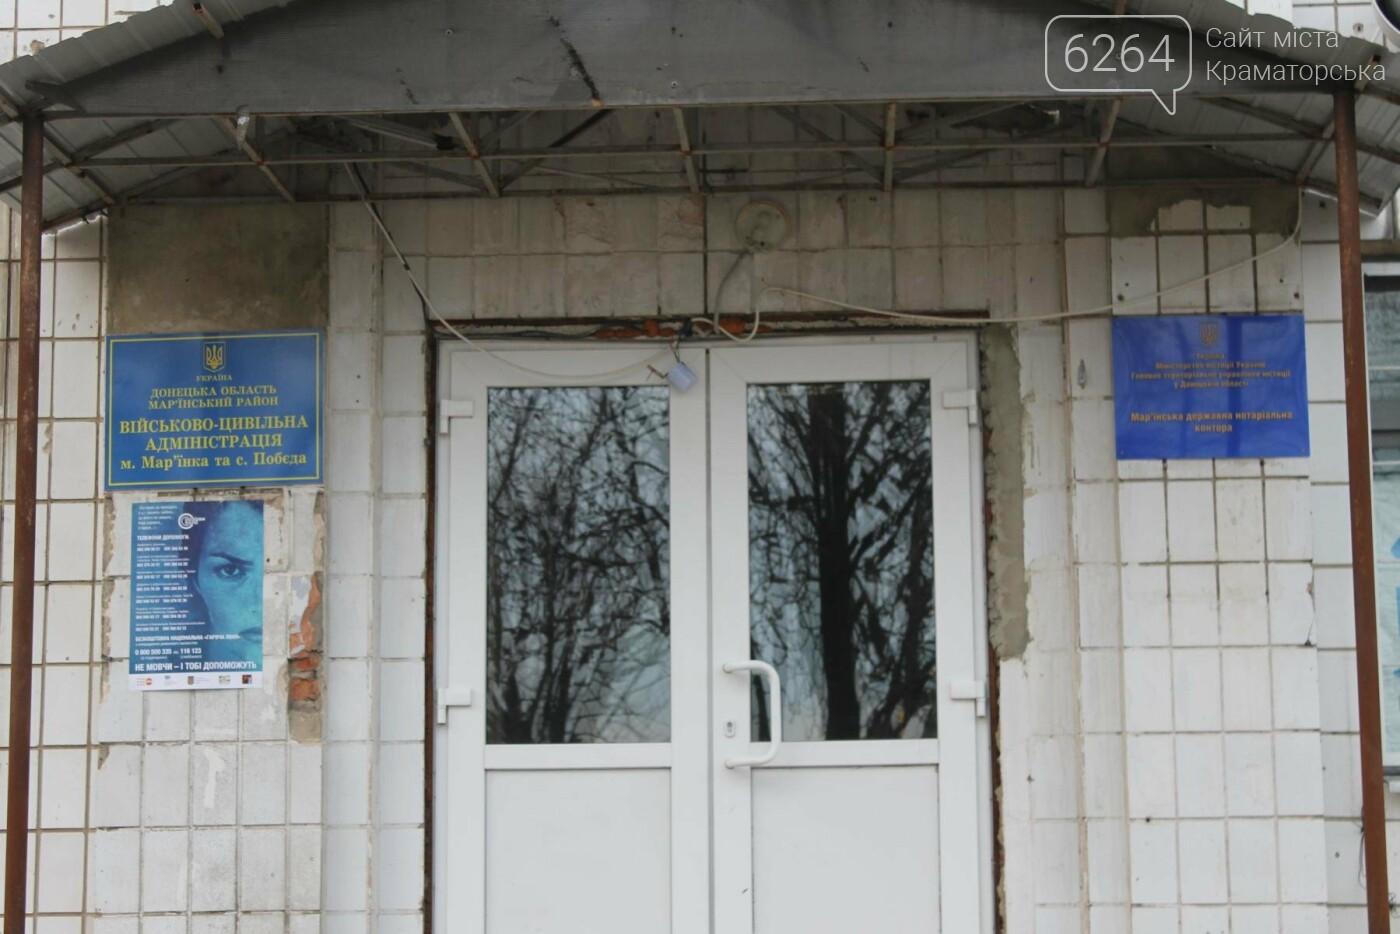 Необъявленная война глазами очевидцев: Марьинка - тонкая граница между стабильностью и разрушенным благополучием , фото-2